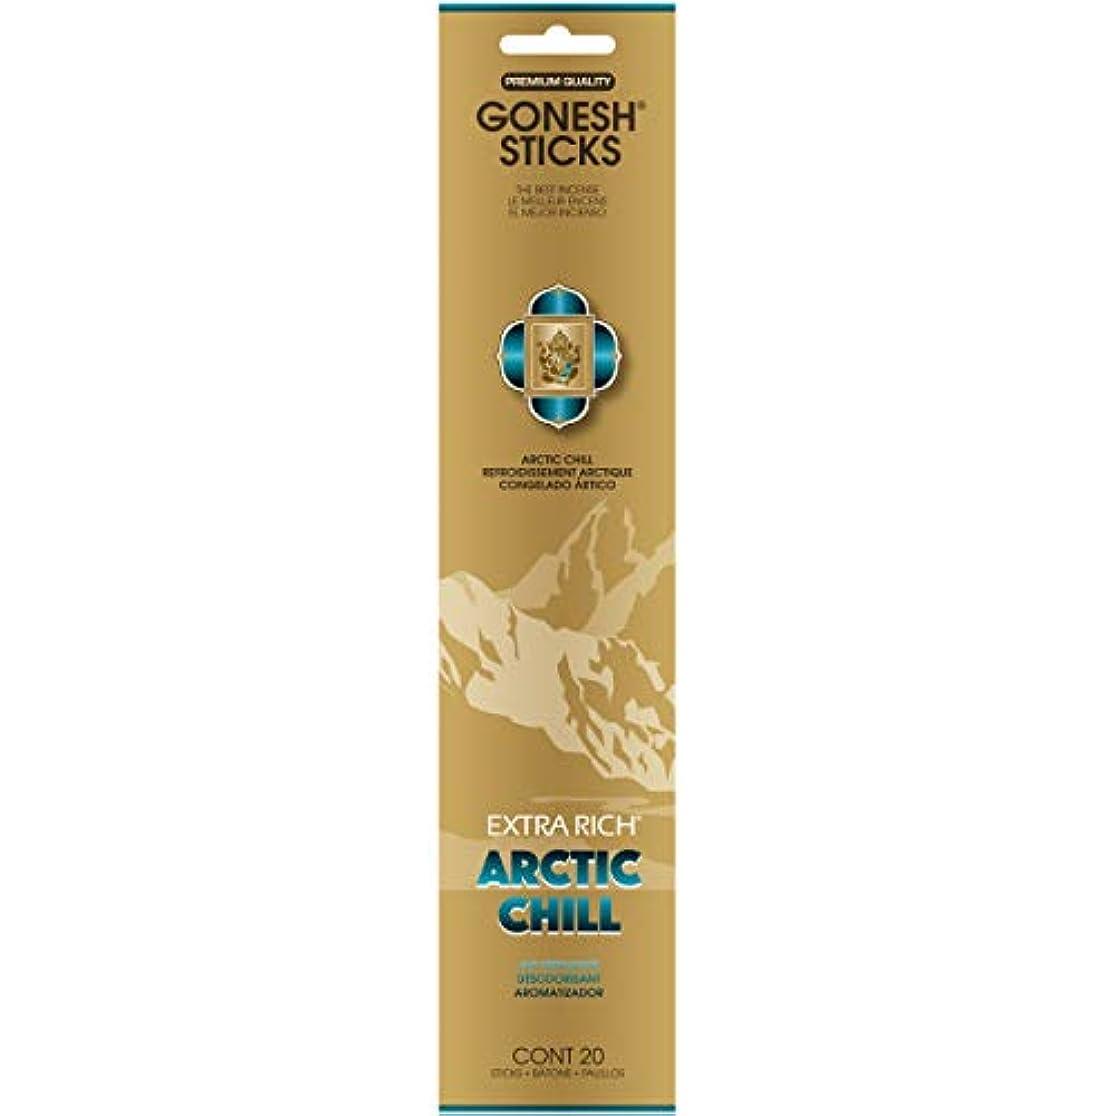 アナリスト簡潔な本能GONESH(ガーネッシュ) インセンススティック アドベンチャーコレクション Arctic Chill(ベルガモット?レモン?スパークリングミント?ムスク)